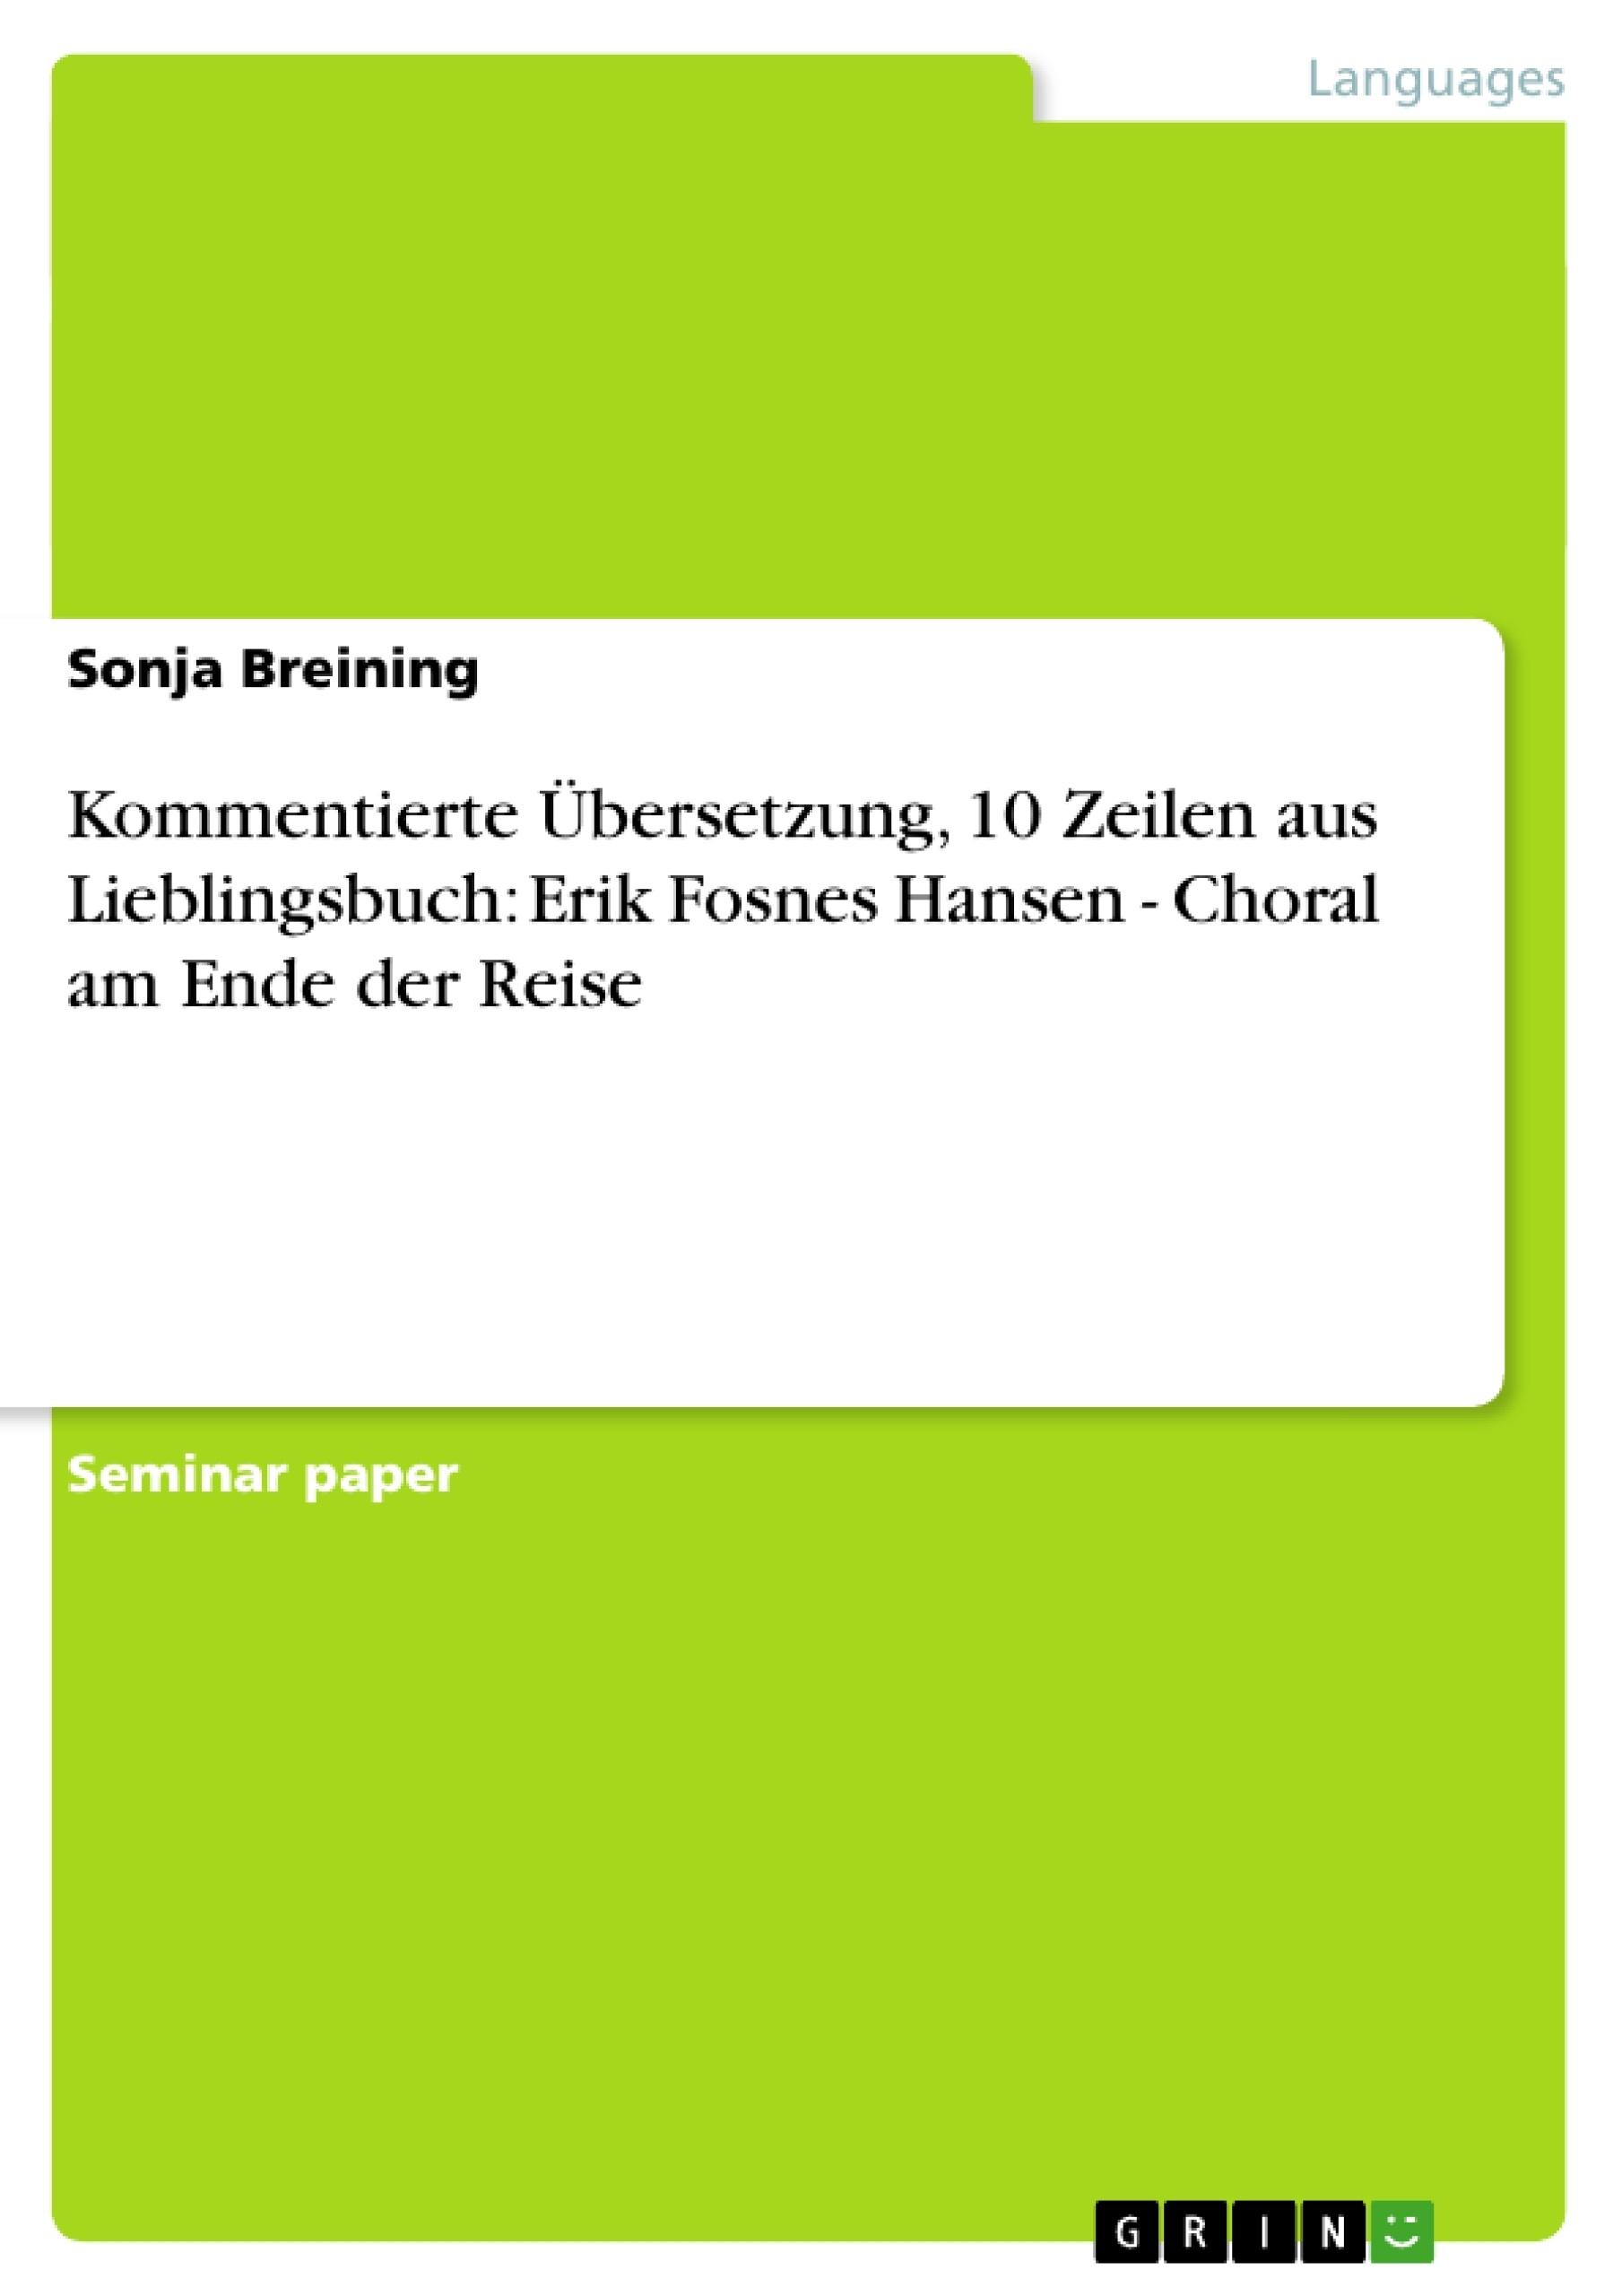 Titre: Kommentierte Übersetzung, 10 Zeilen aus Lieblingsbuch: Erik Fosnes Hansen  - Choral am Ende der Reise